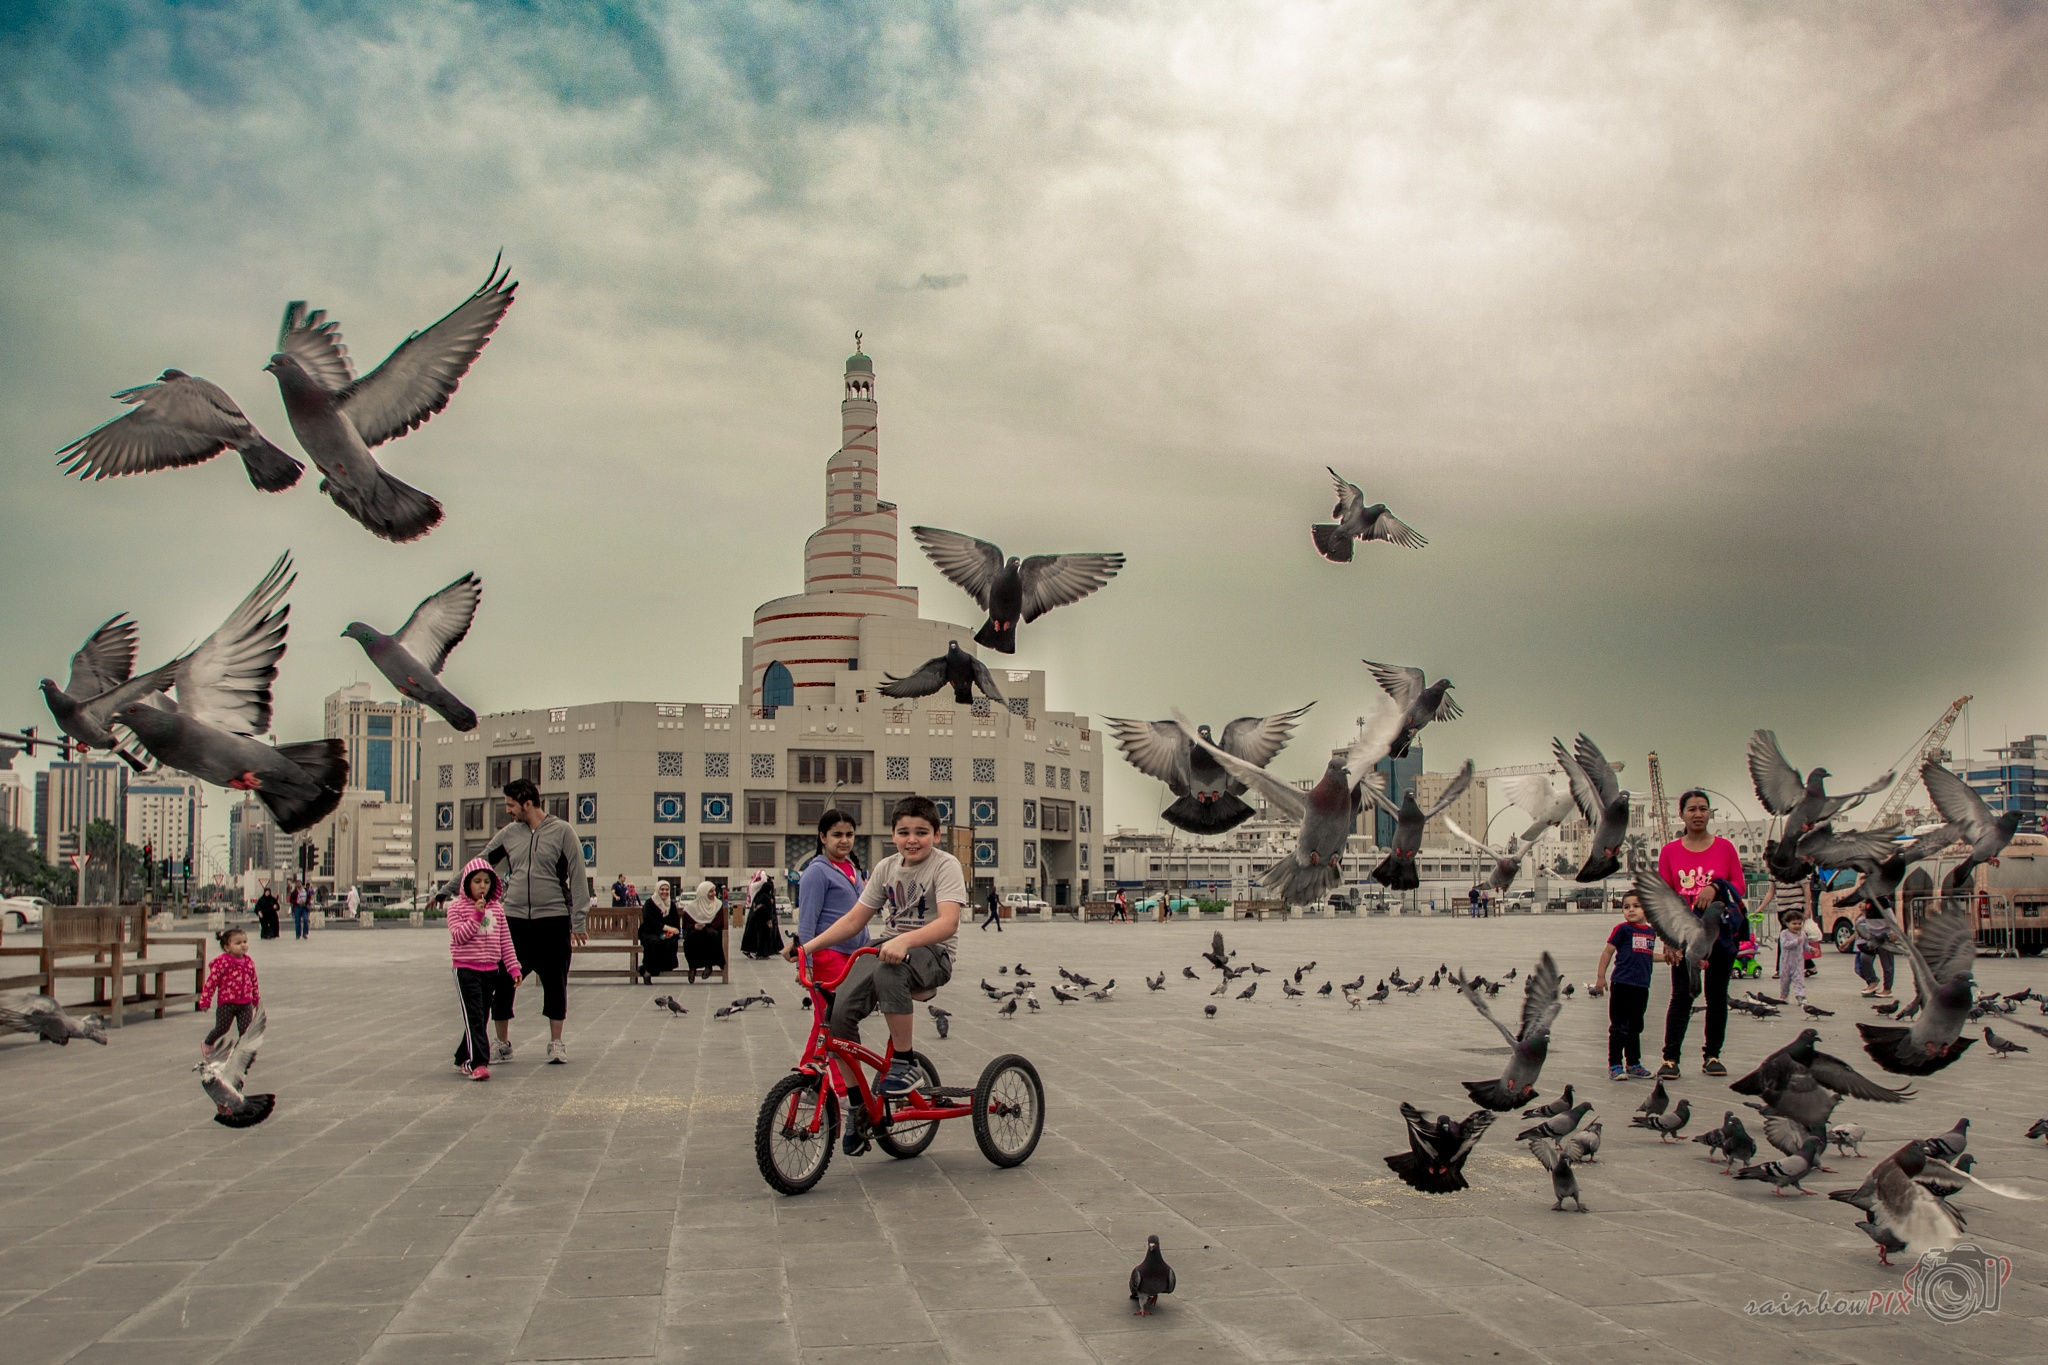 FANAR, Qatar Islamic Cultural Center by Jude Vincy